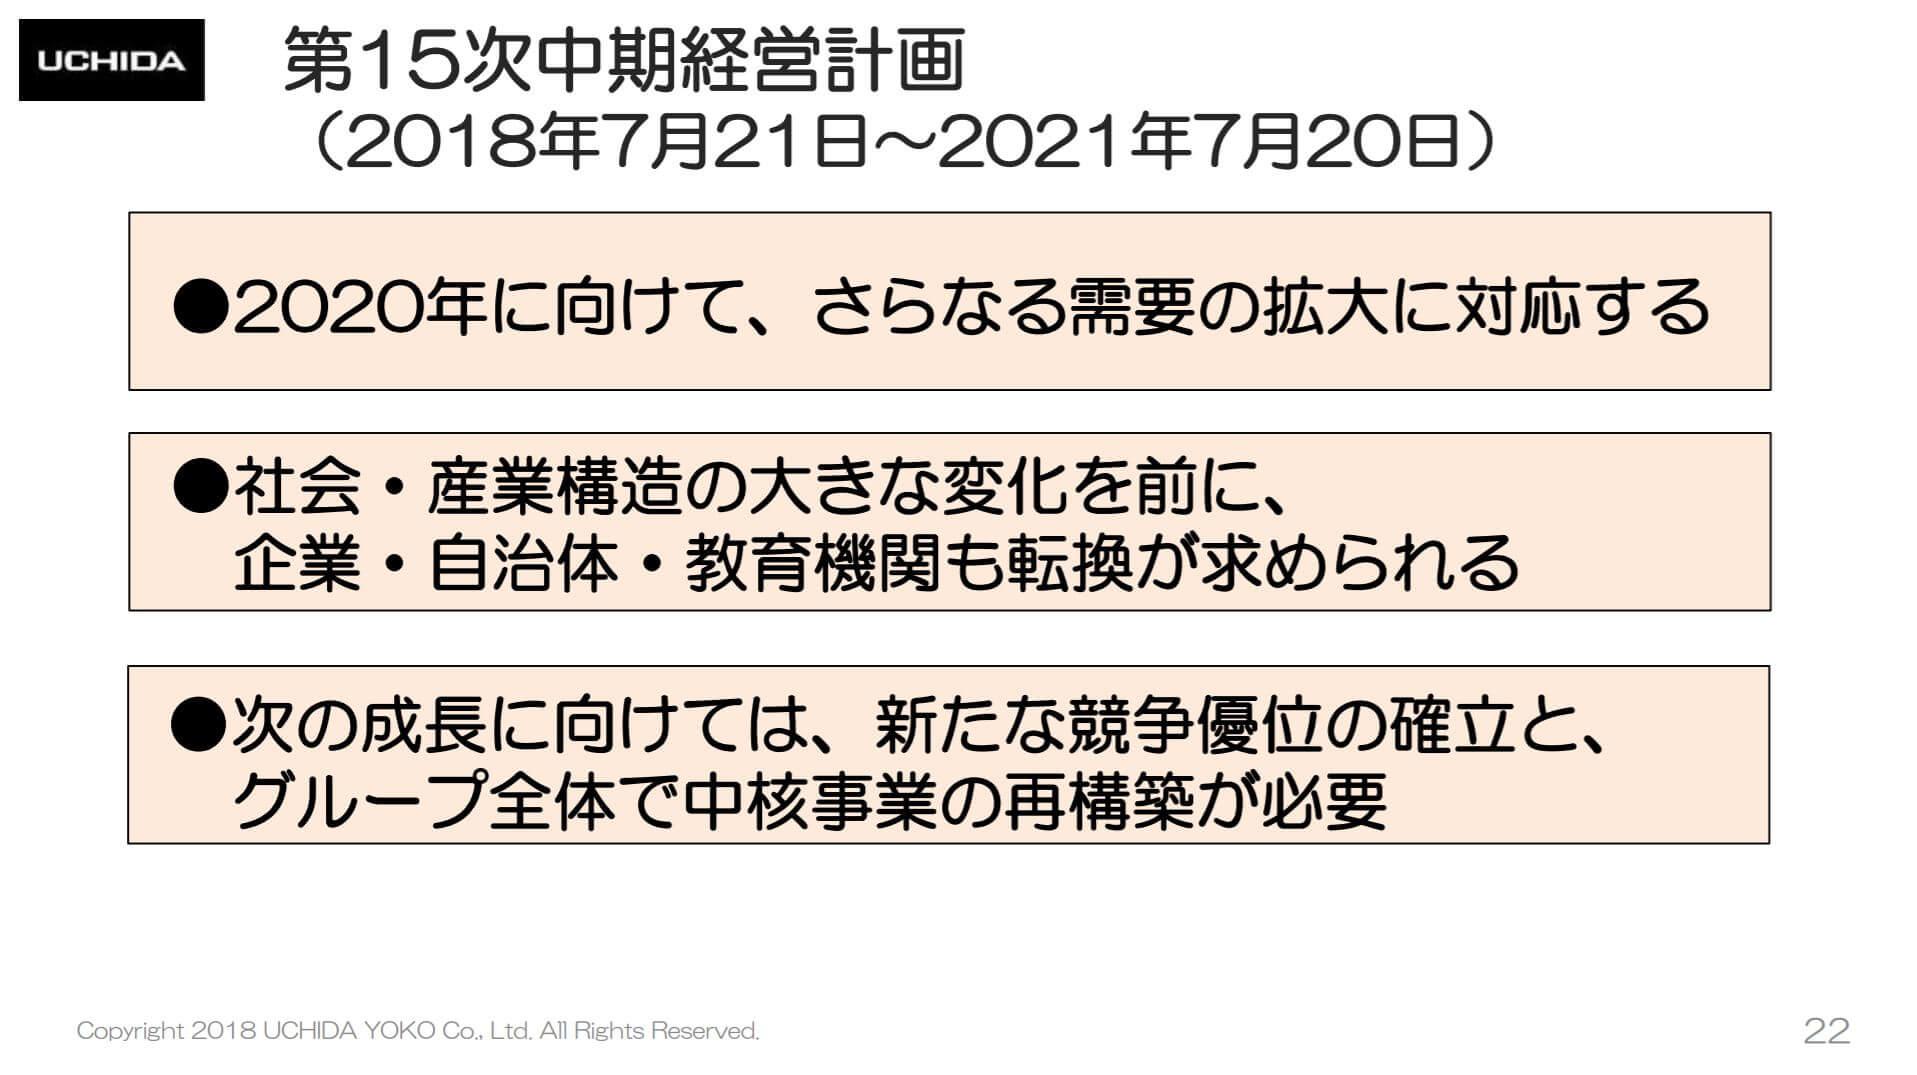 内田洋行の2018年7月期決算説明会資料、今後の成長戦略